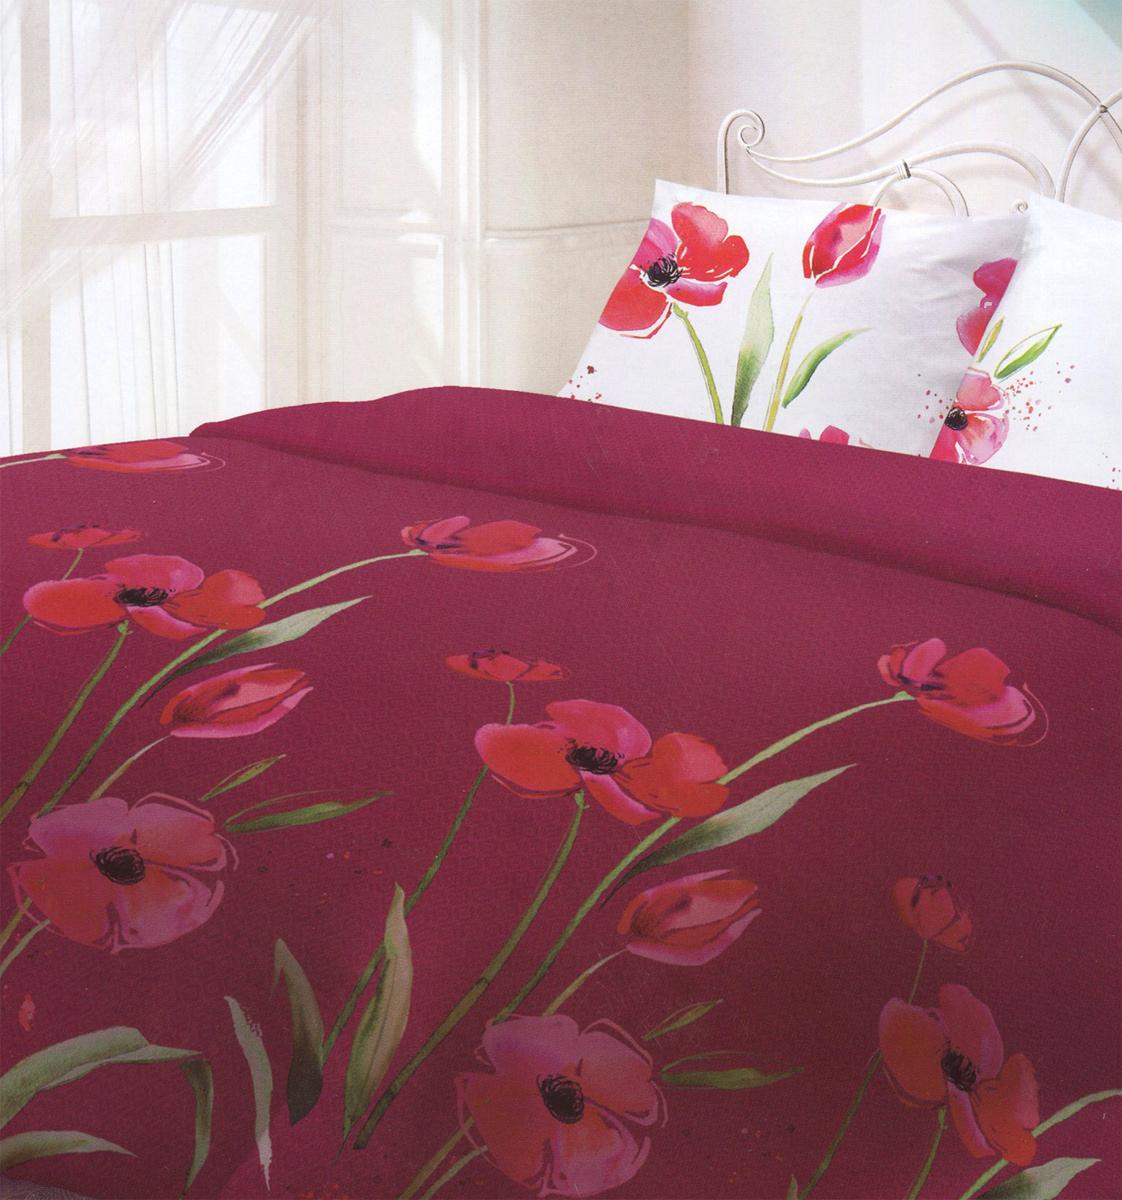 Комплект белья Гармония Маки, семейный, наволочки 70x70, цвет: бордовый, белый, розовый191457Комплект постельного белья Гармония Маки является экологически безопасным для всей семьи, так как выполнен из поплина (натурального хлопка). Комплект состоит из двух пододеяльников, простыни и двух наволочек. Постельное белье оформлено оригинальным рисунком и имеет изысканный внешний вид. Гармония производится из поплина - 100% хлопковой ткани. Поплин мягкий и приятный на ощупь. Кроме того, эта ткань не требует особого ухода, легко стирается и прекрасно держит форму. Высококачественные красители, которые используются при производстве постельного белья, экологичны и сохраняют свой цвет даже после многочисленных стирок. Благодаря высокому качеству ткани и европейским стандартам пошива постельное белье Гармония будет радовать вас долгие годы!